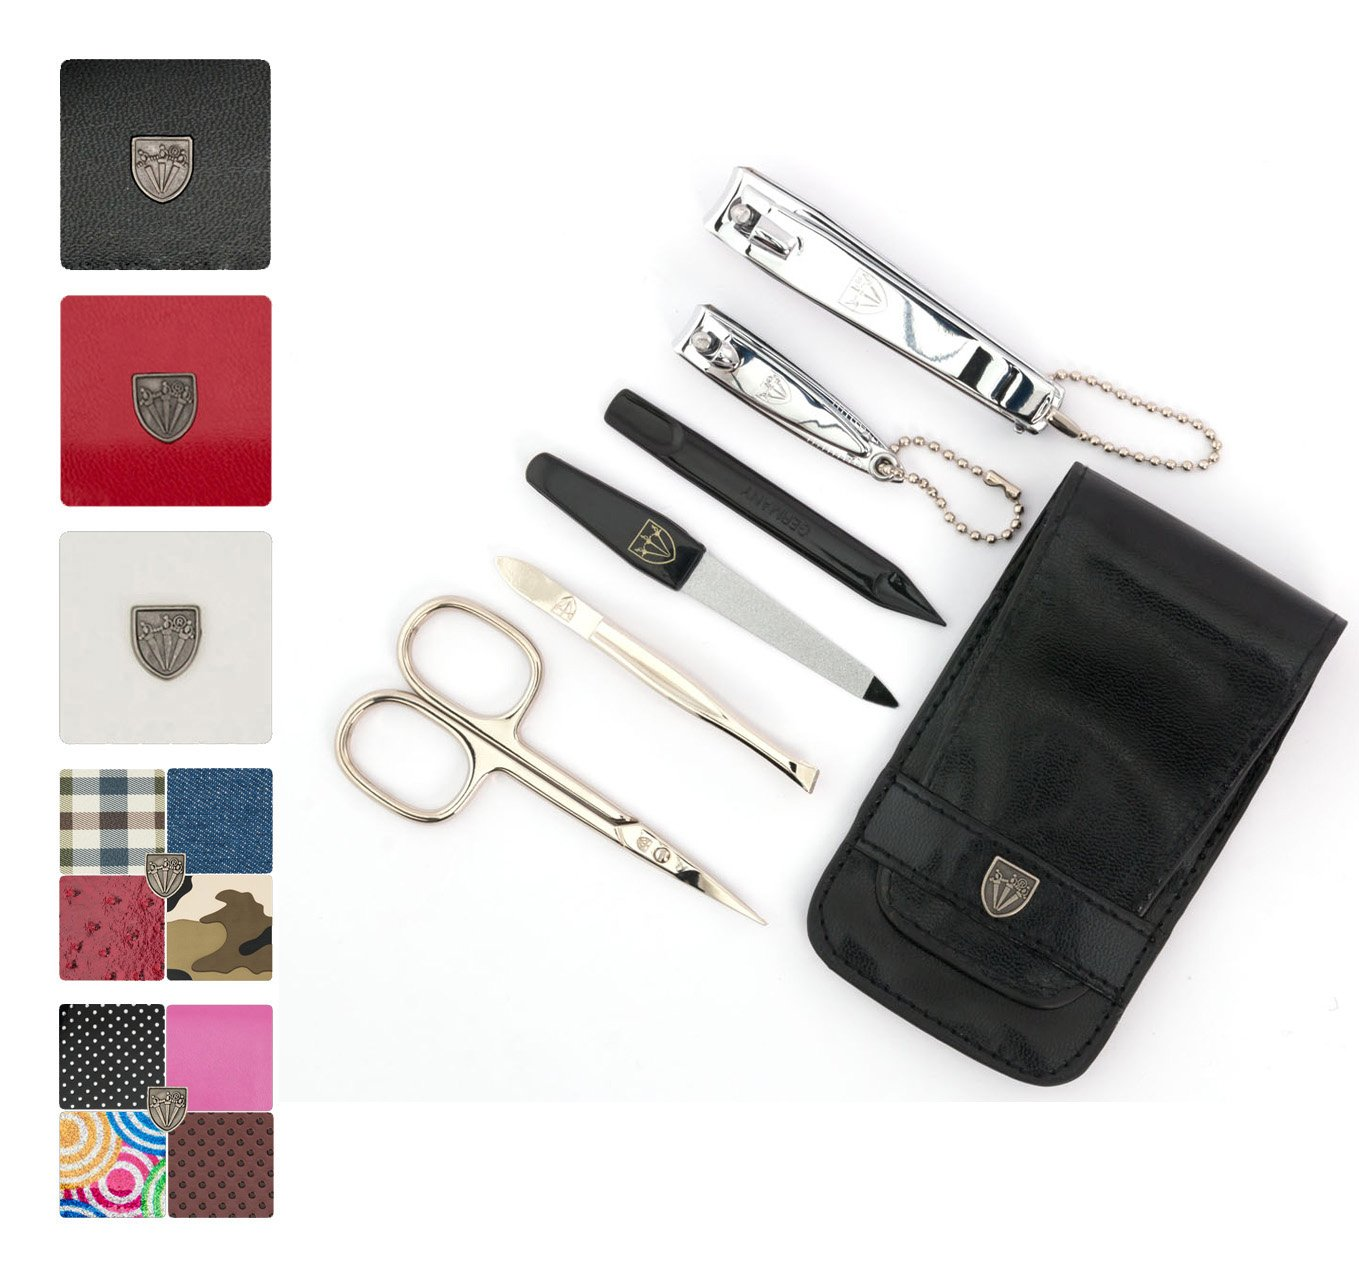 3 Swords Germany - kit set de manucure, pédicure, Ciseaux lime ongles - qualité 3 Swords (05267)